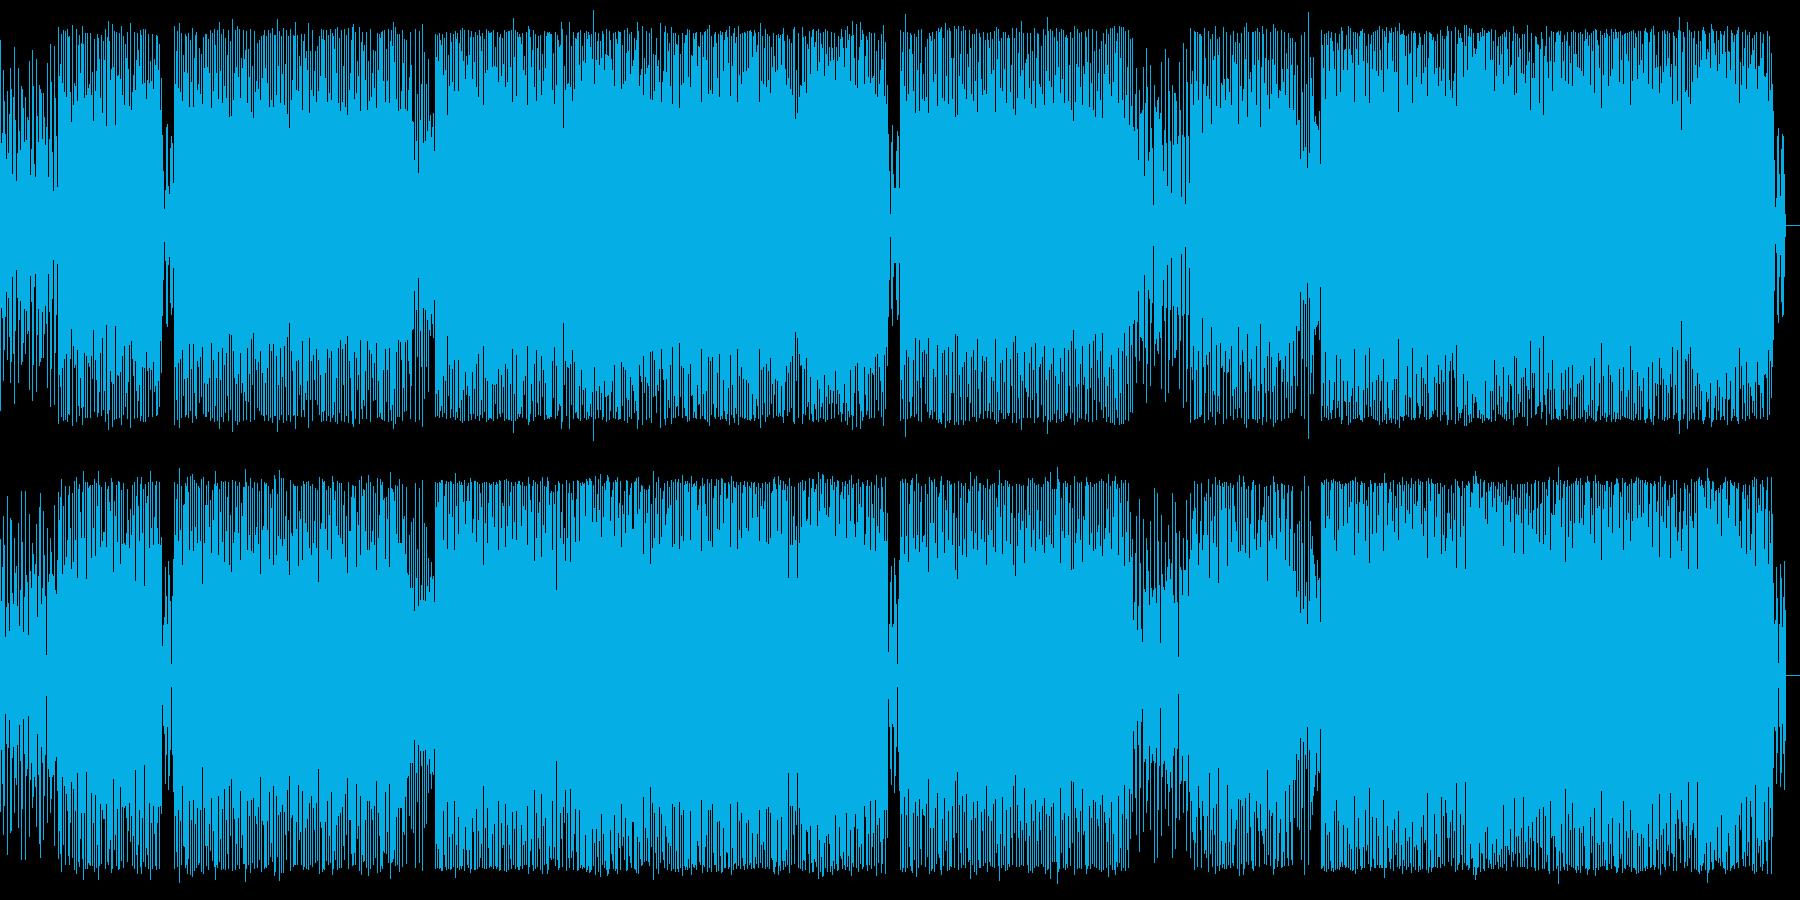 アラビア風EDMの再生済みの波形